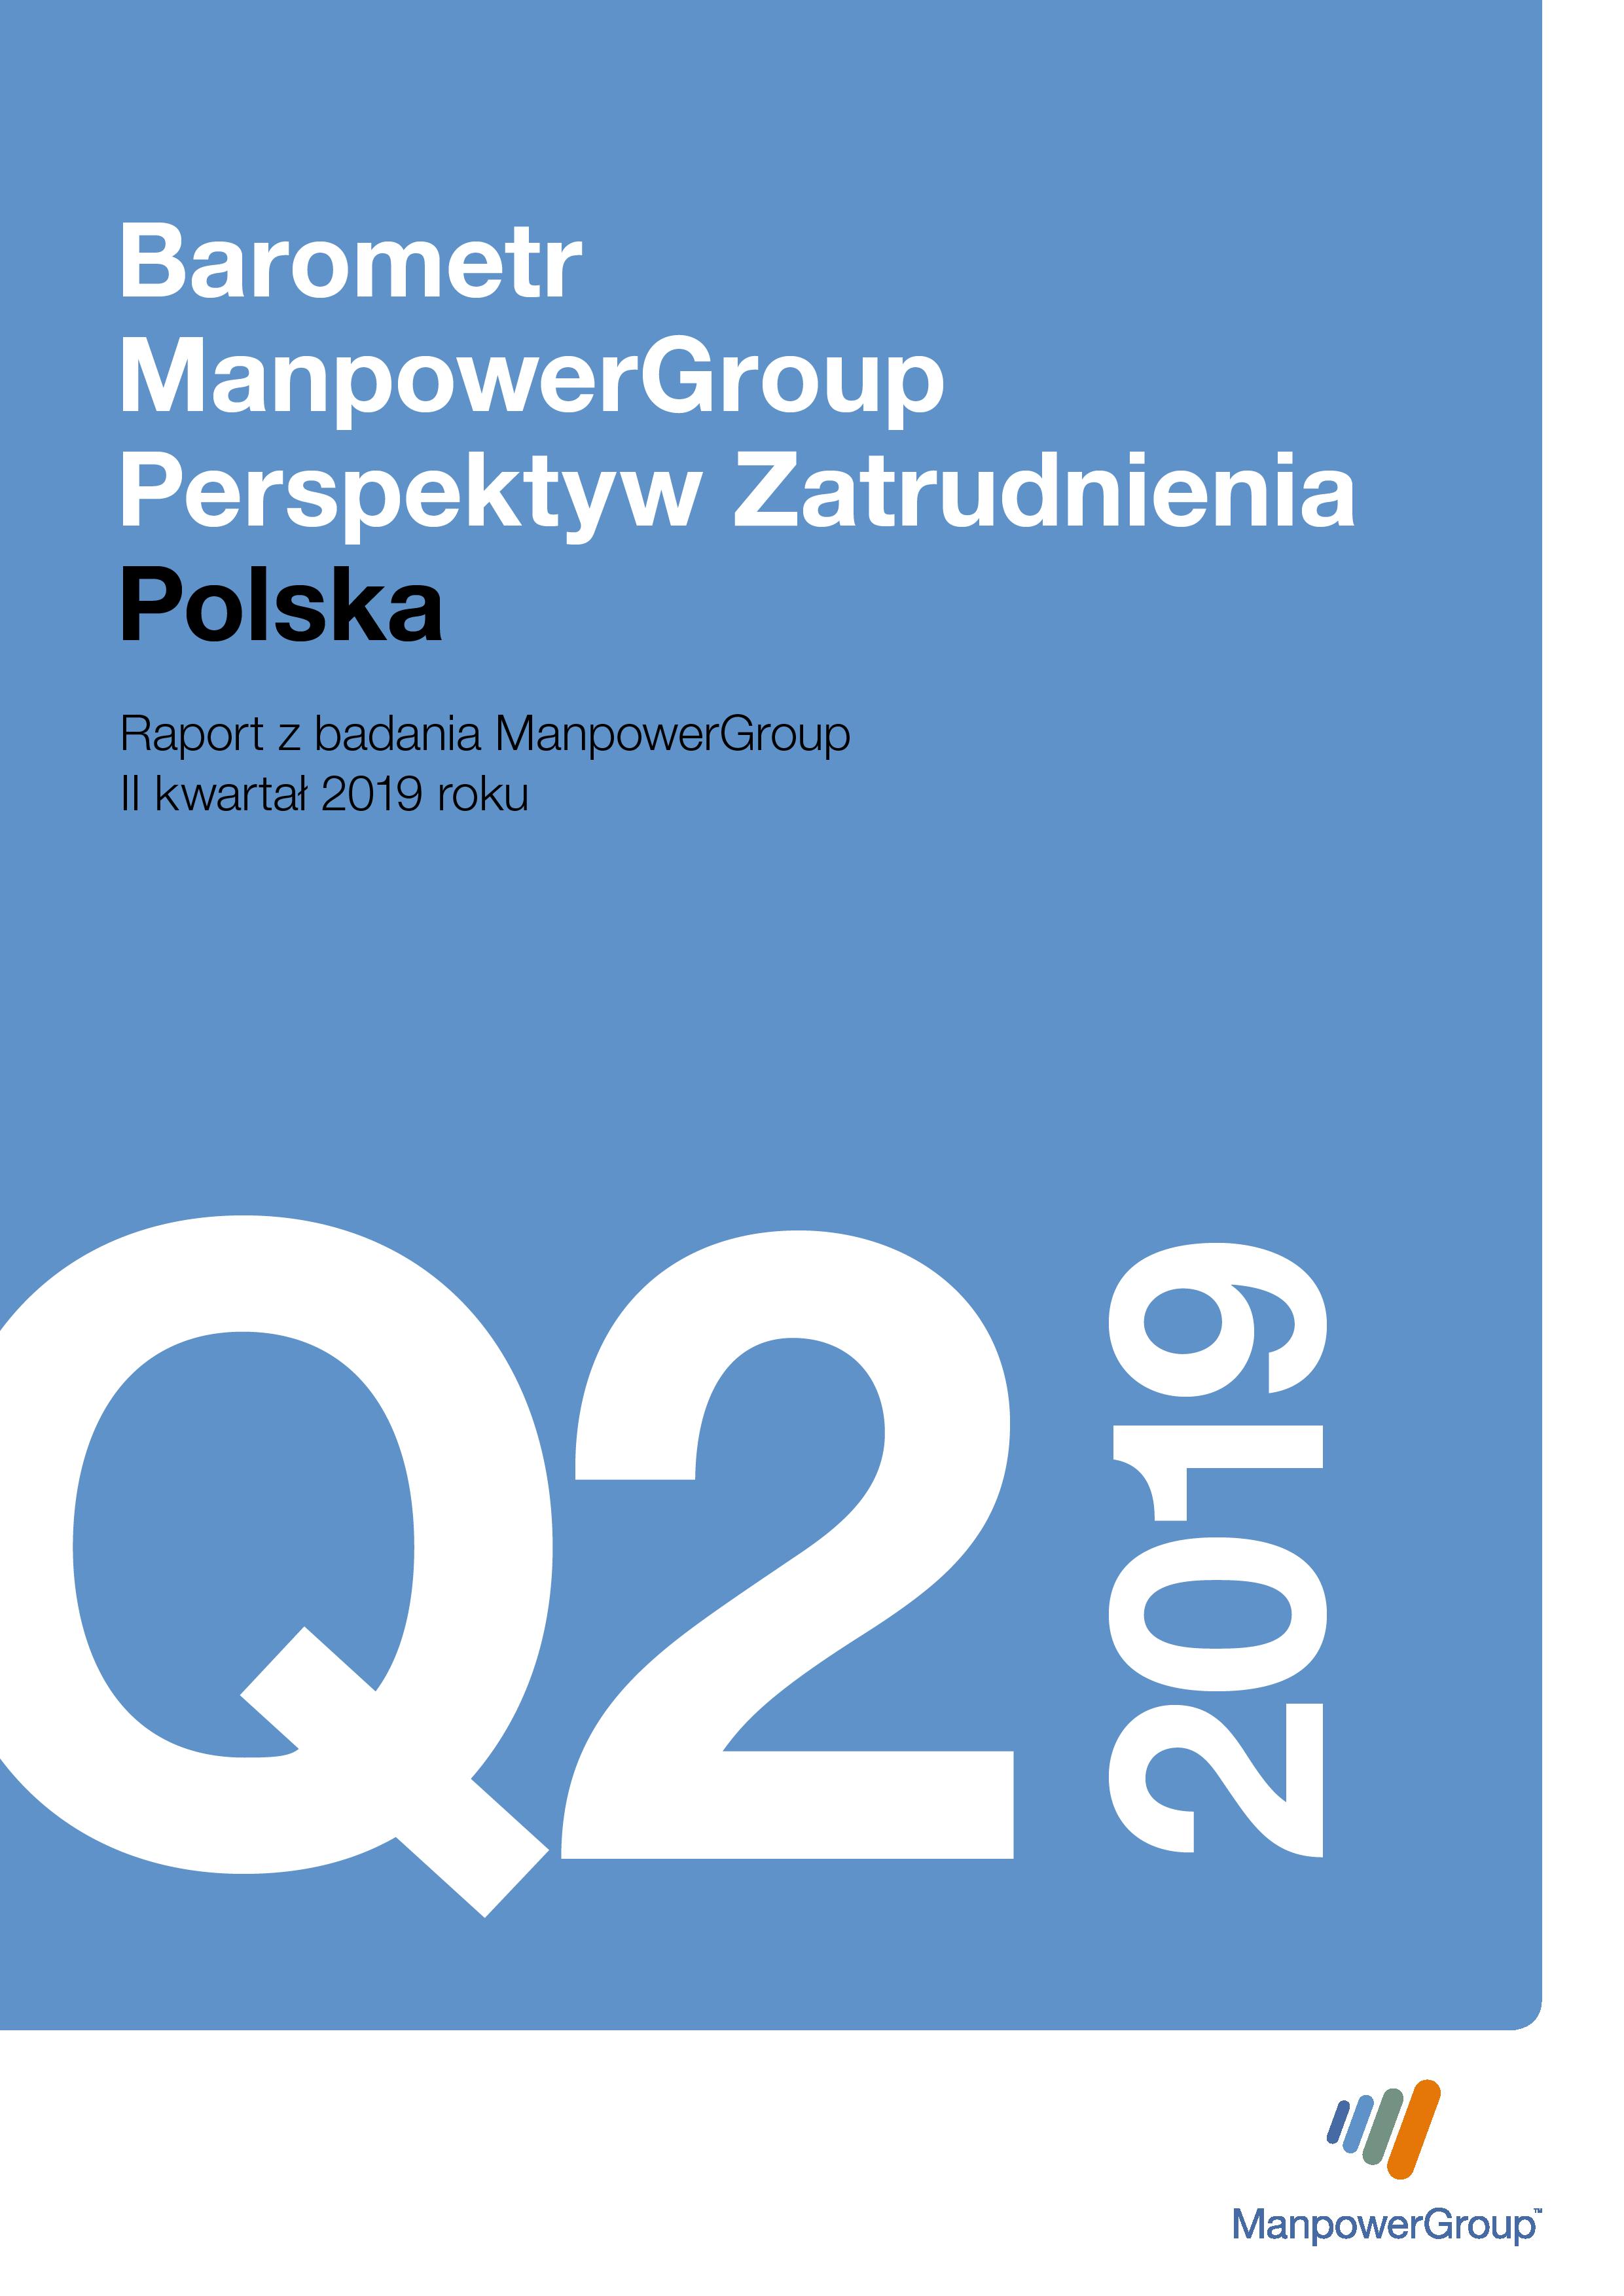 Barometr ManpowerGroup Perspektyw Zatrudnienia Q2 2019